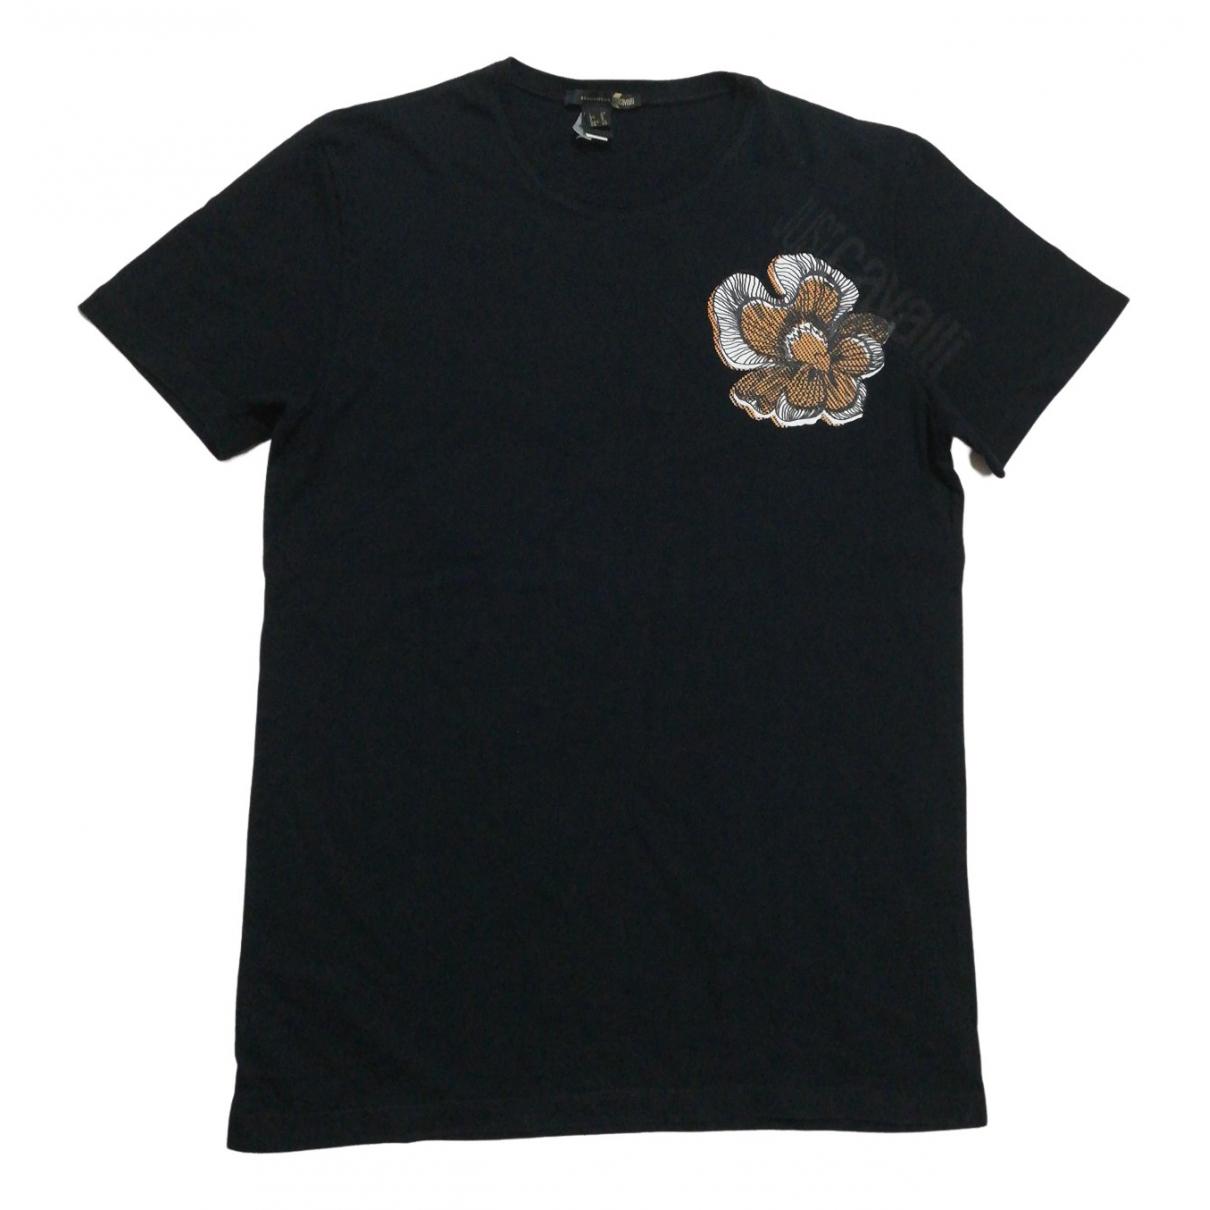 Just Cavalli - Tee shirts   pour homme en coton - noir